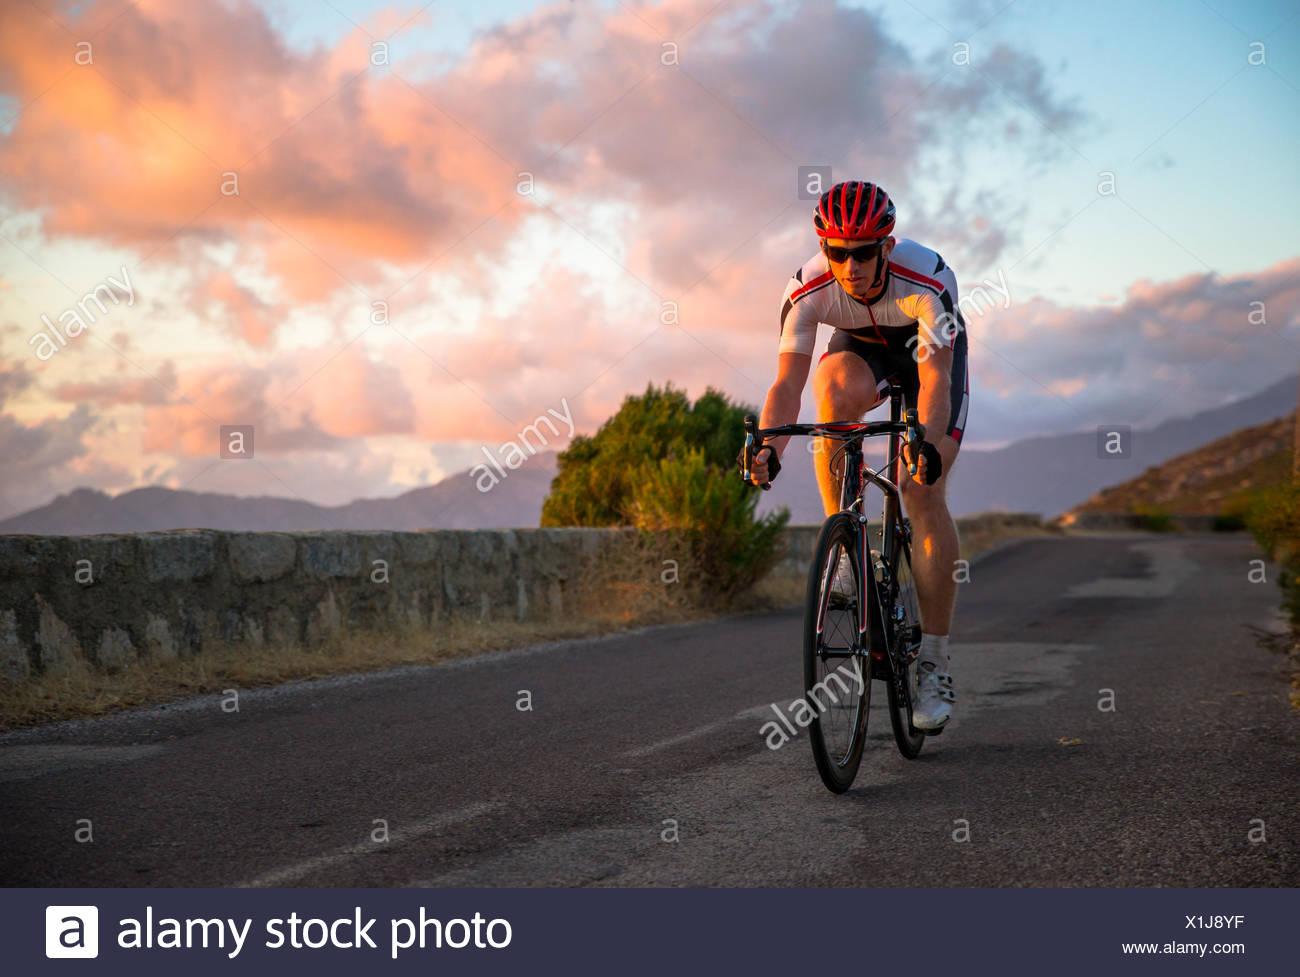 Uomo in bicicletta al tramonto, Corsica, Francia Immagini Stock